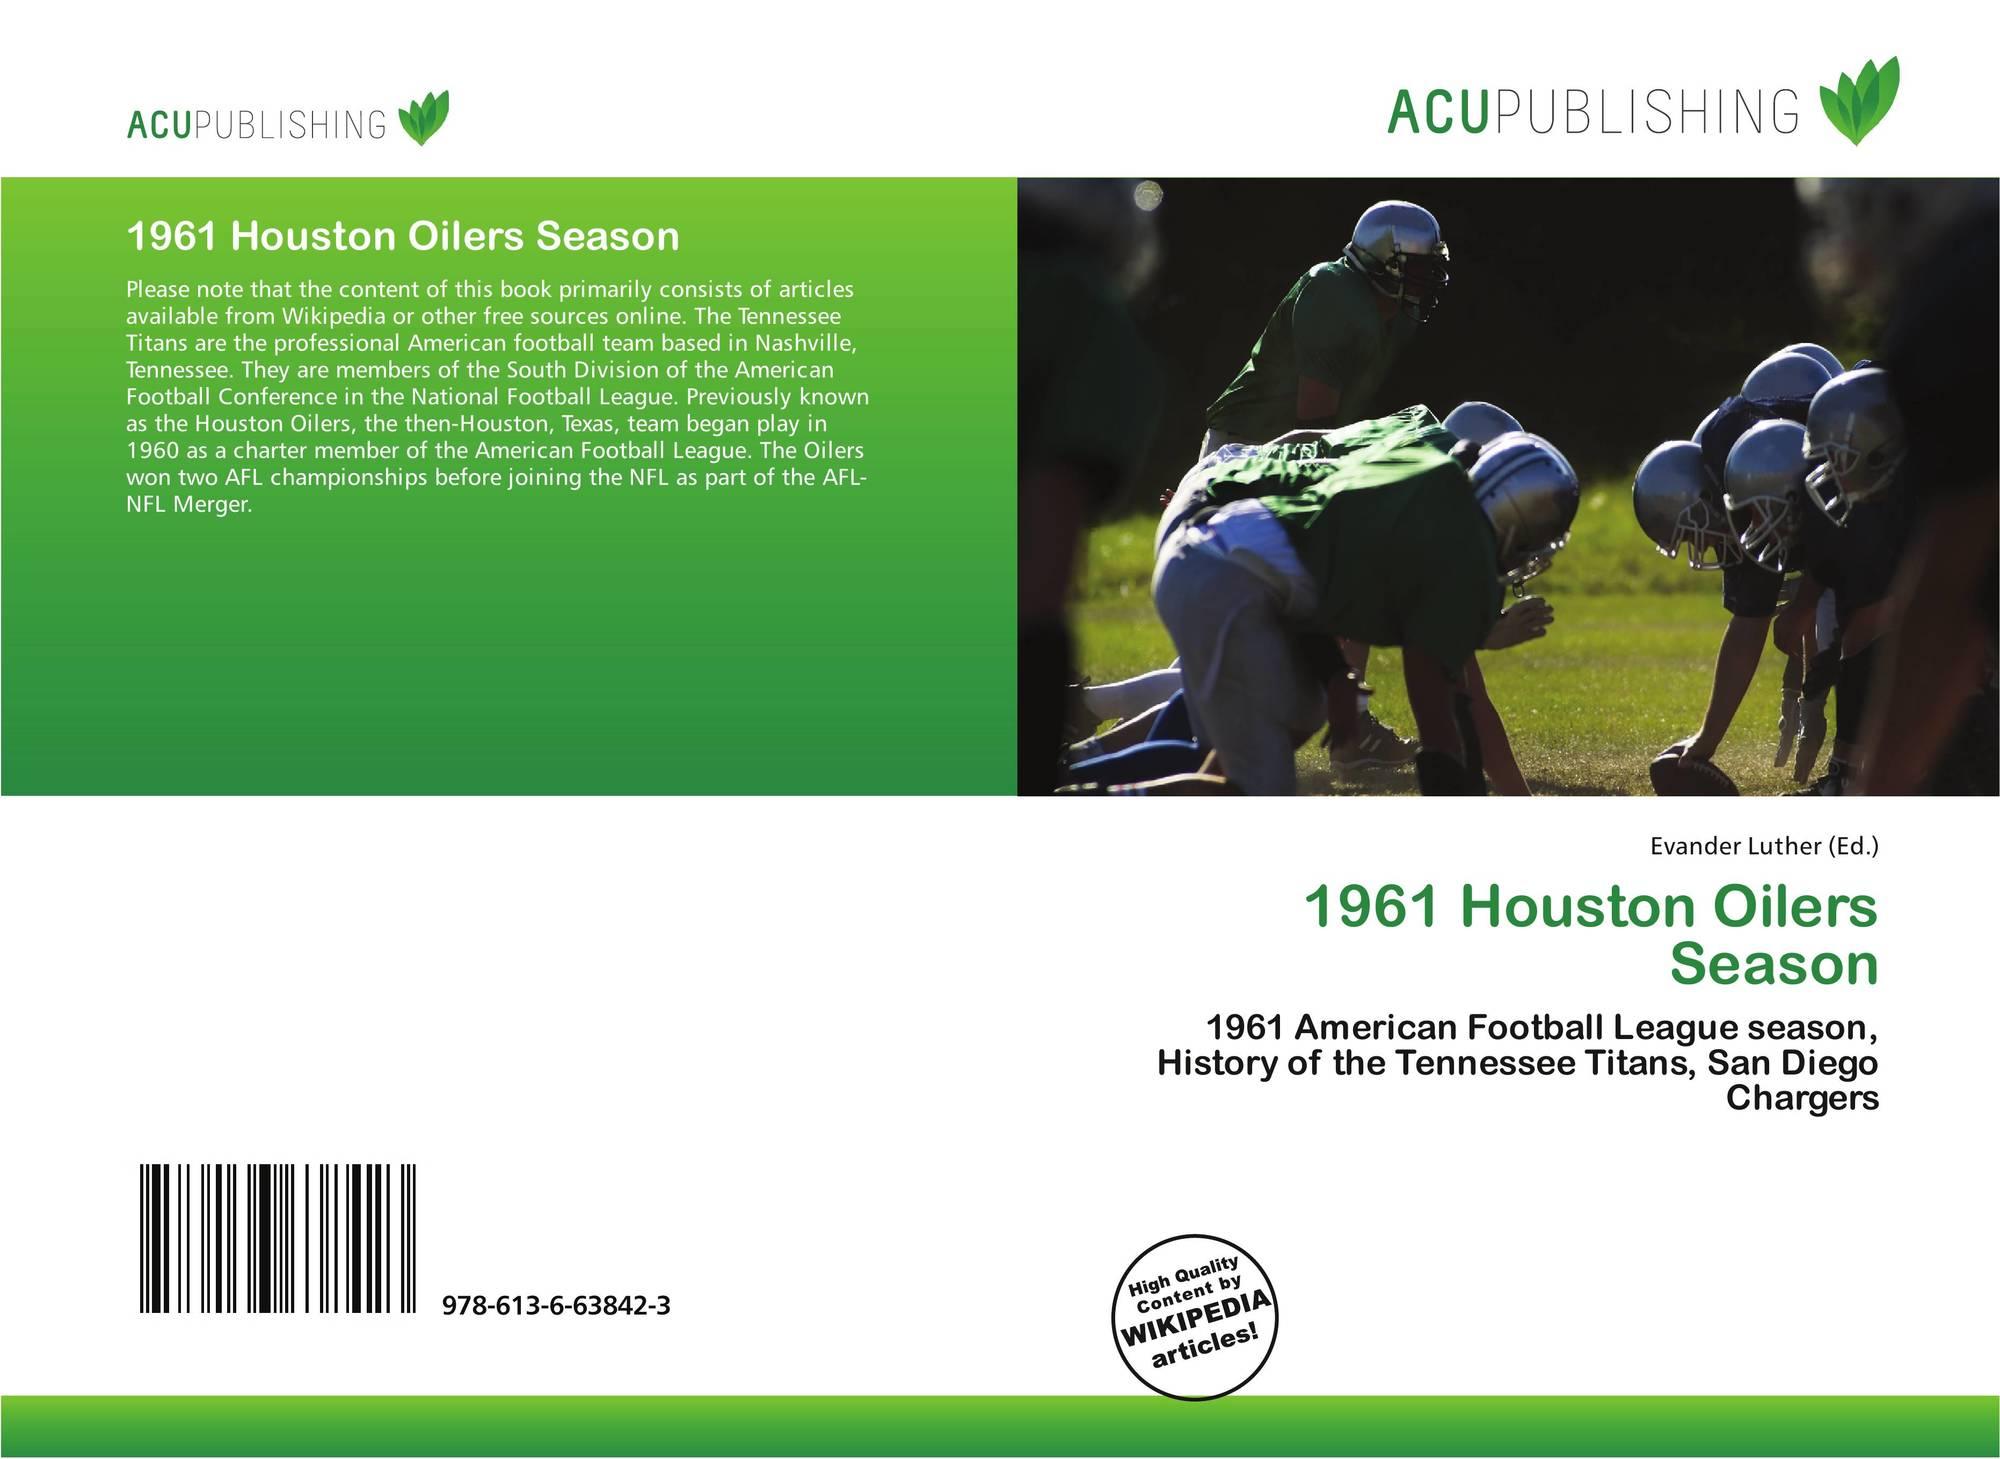 Bookcover of 1961 Houston Oilers Season. 9786136638423 2039320f2